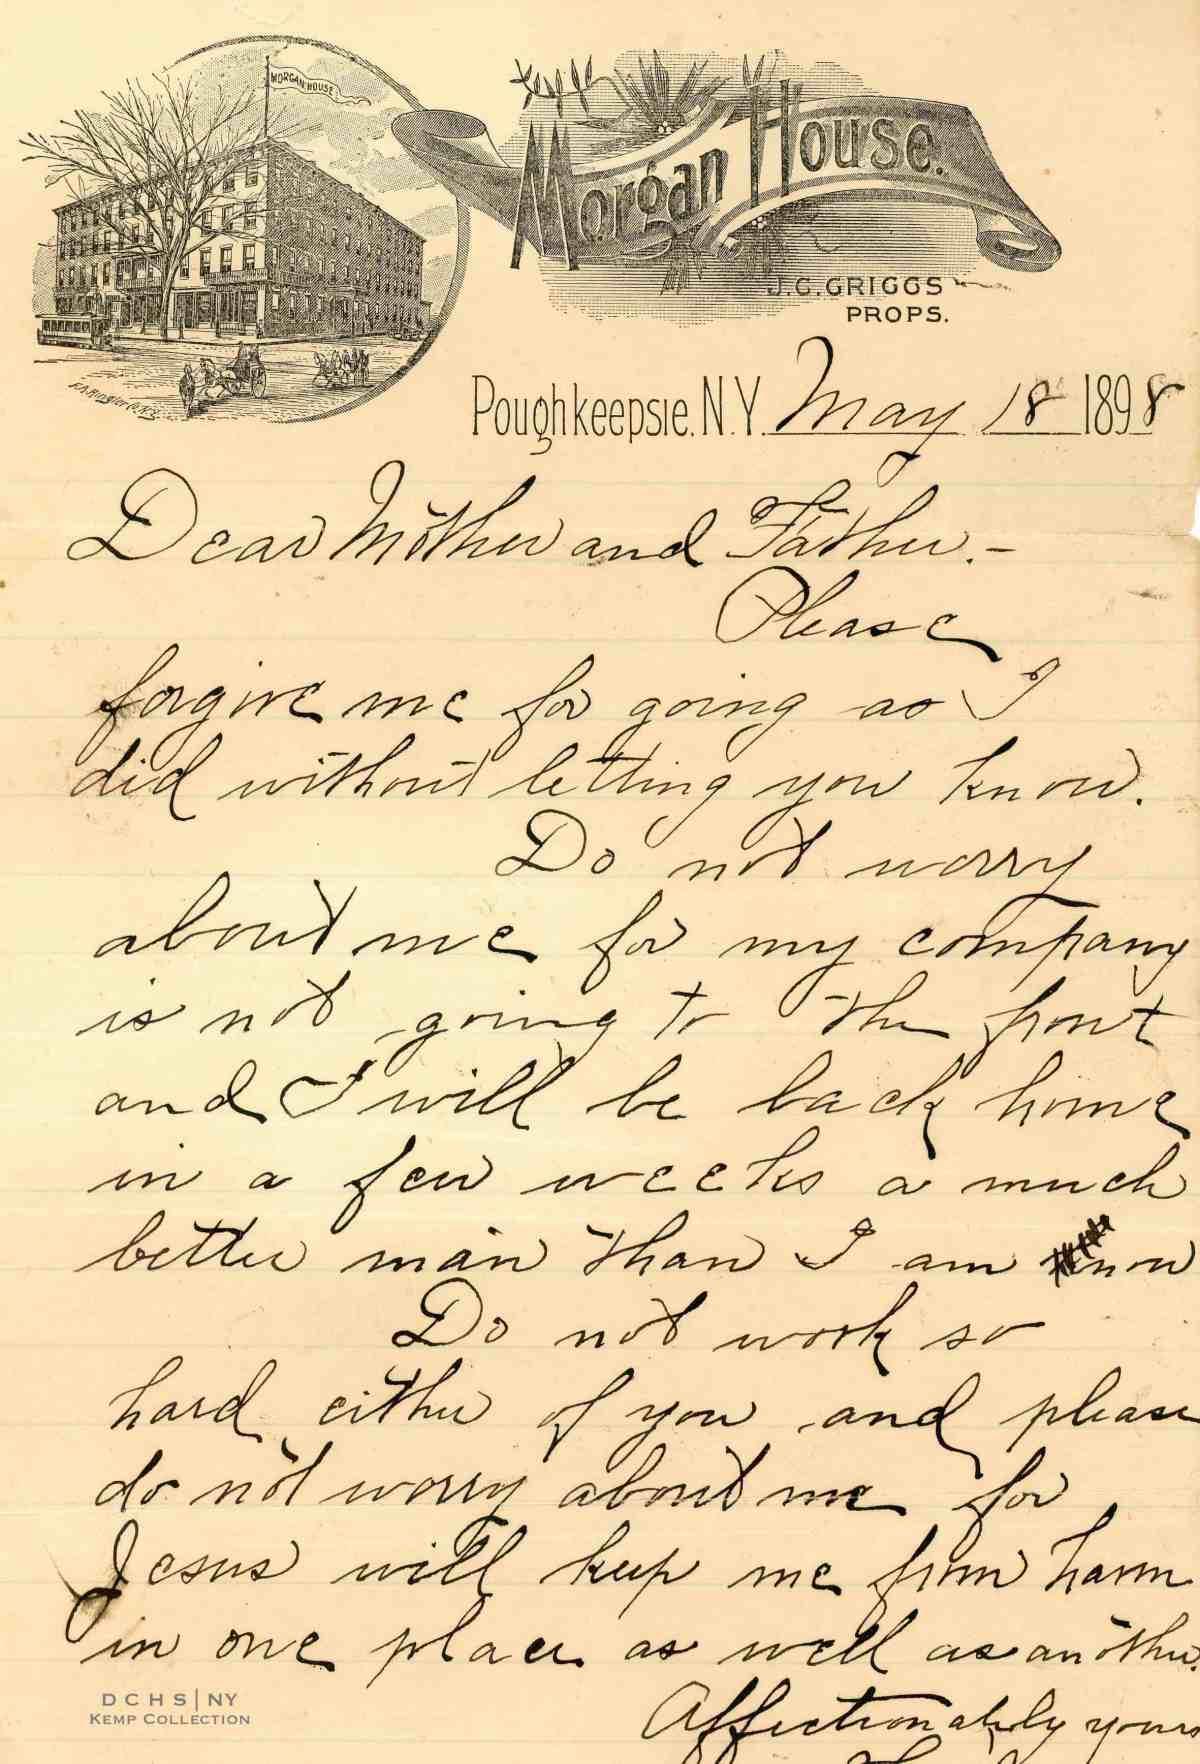 FKL Knickerbacker 1st letter 4YB